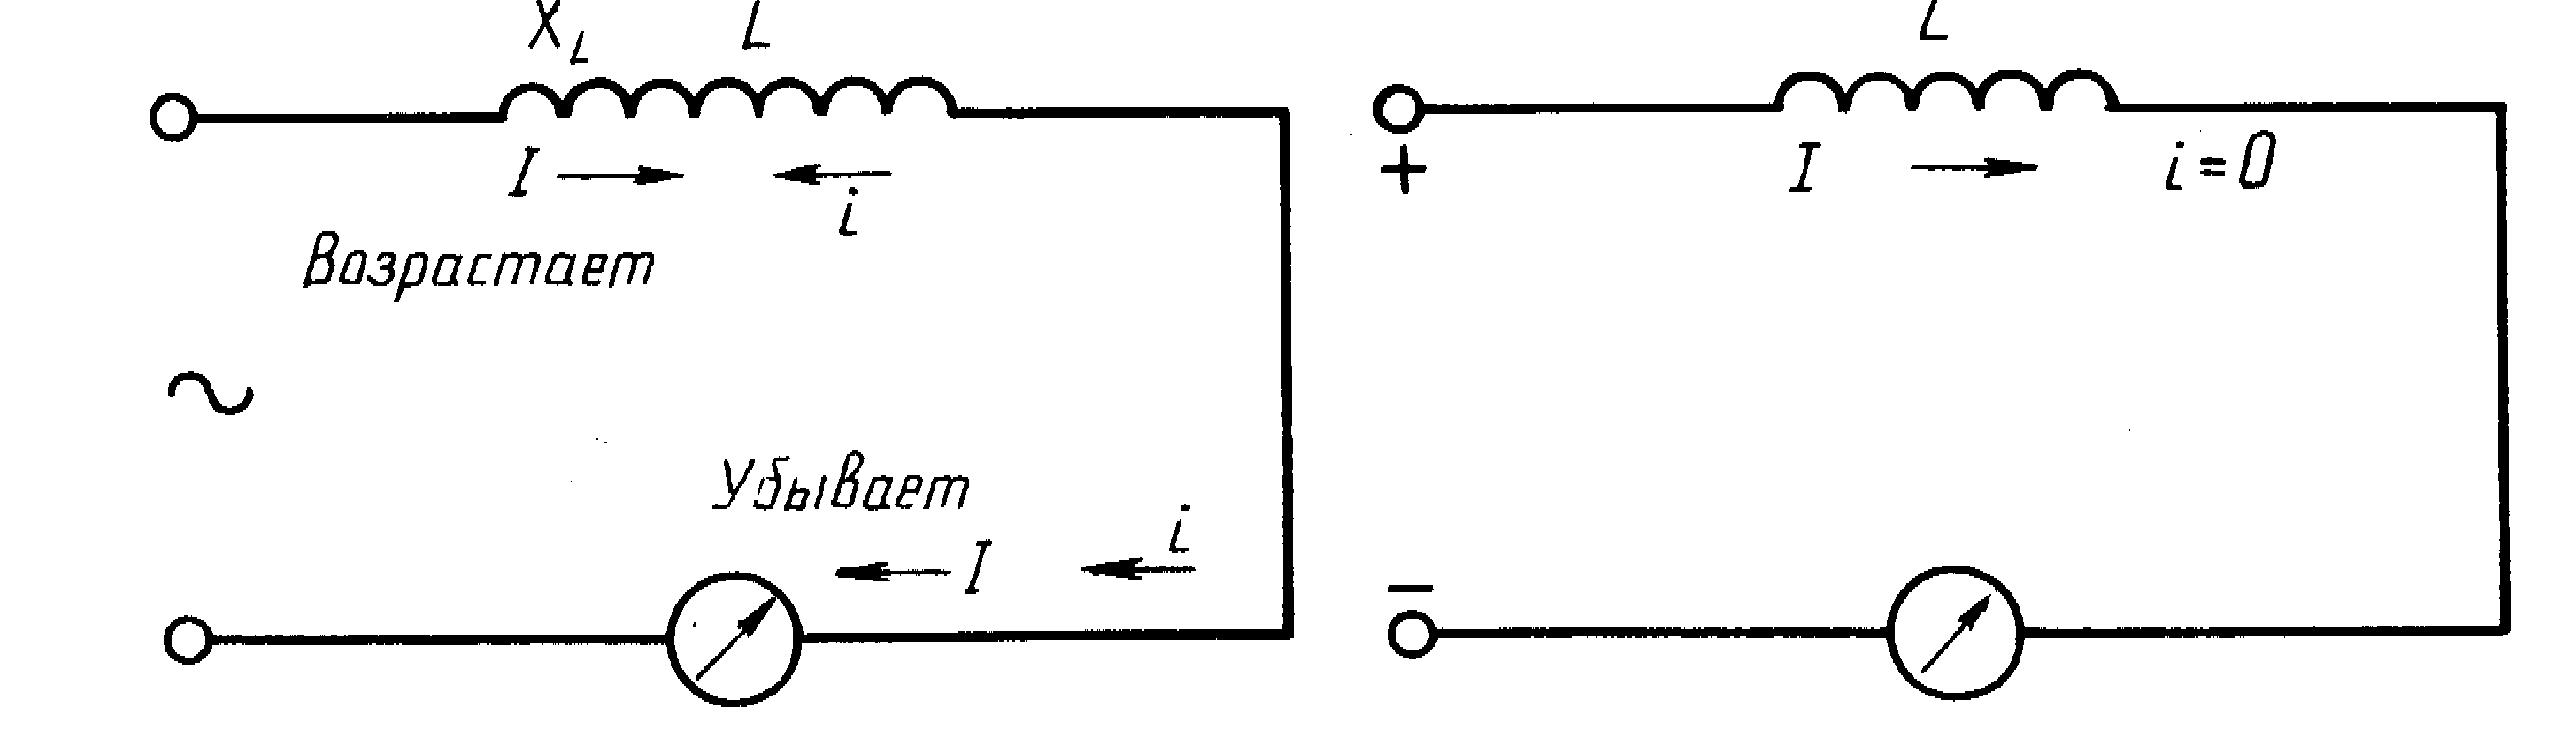 Емкостное и индуктивное сопротивление в цепи переменного тока  В катушке включенной в цепь переменного напряжения сила тока меньше силы тока в цепи